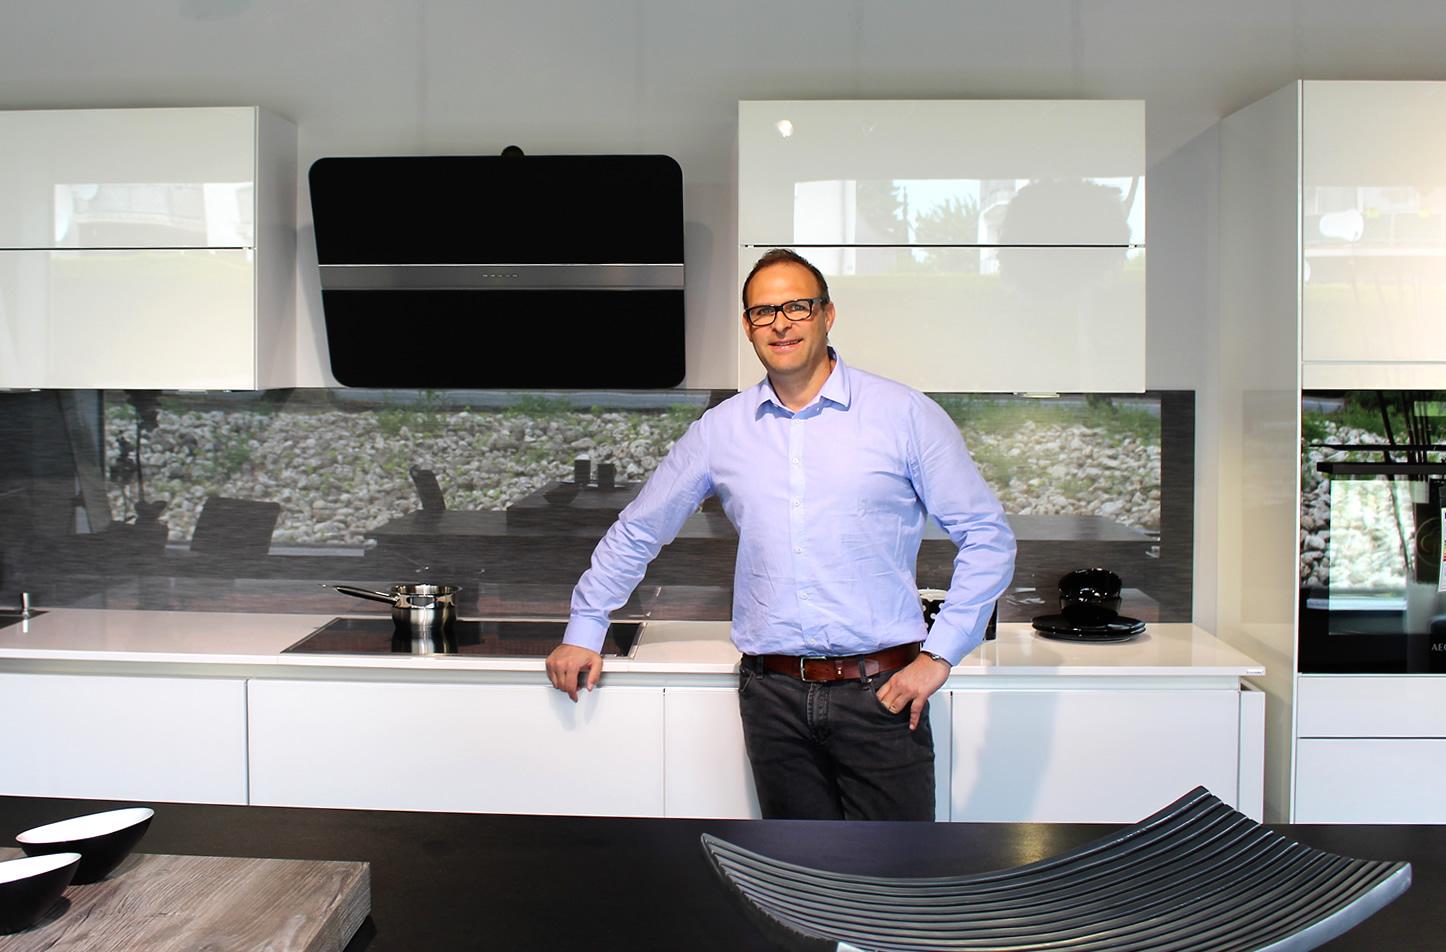 Küchen Limburg ein geheimrezept für küchen haben wir nicht aber andreas orgler